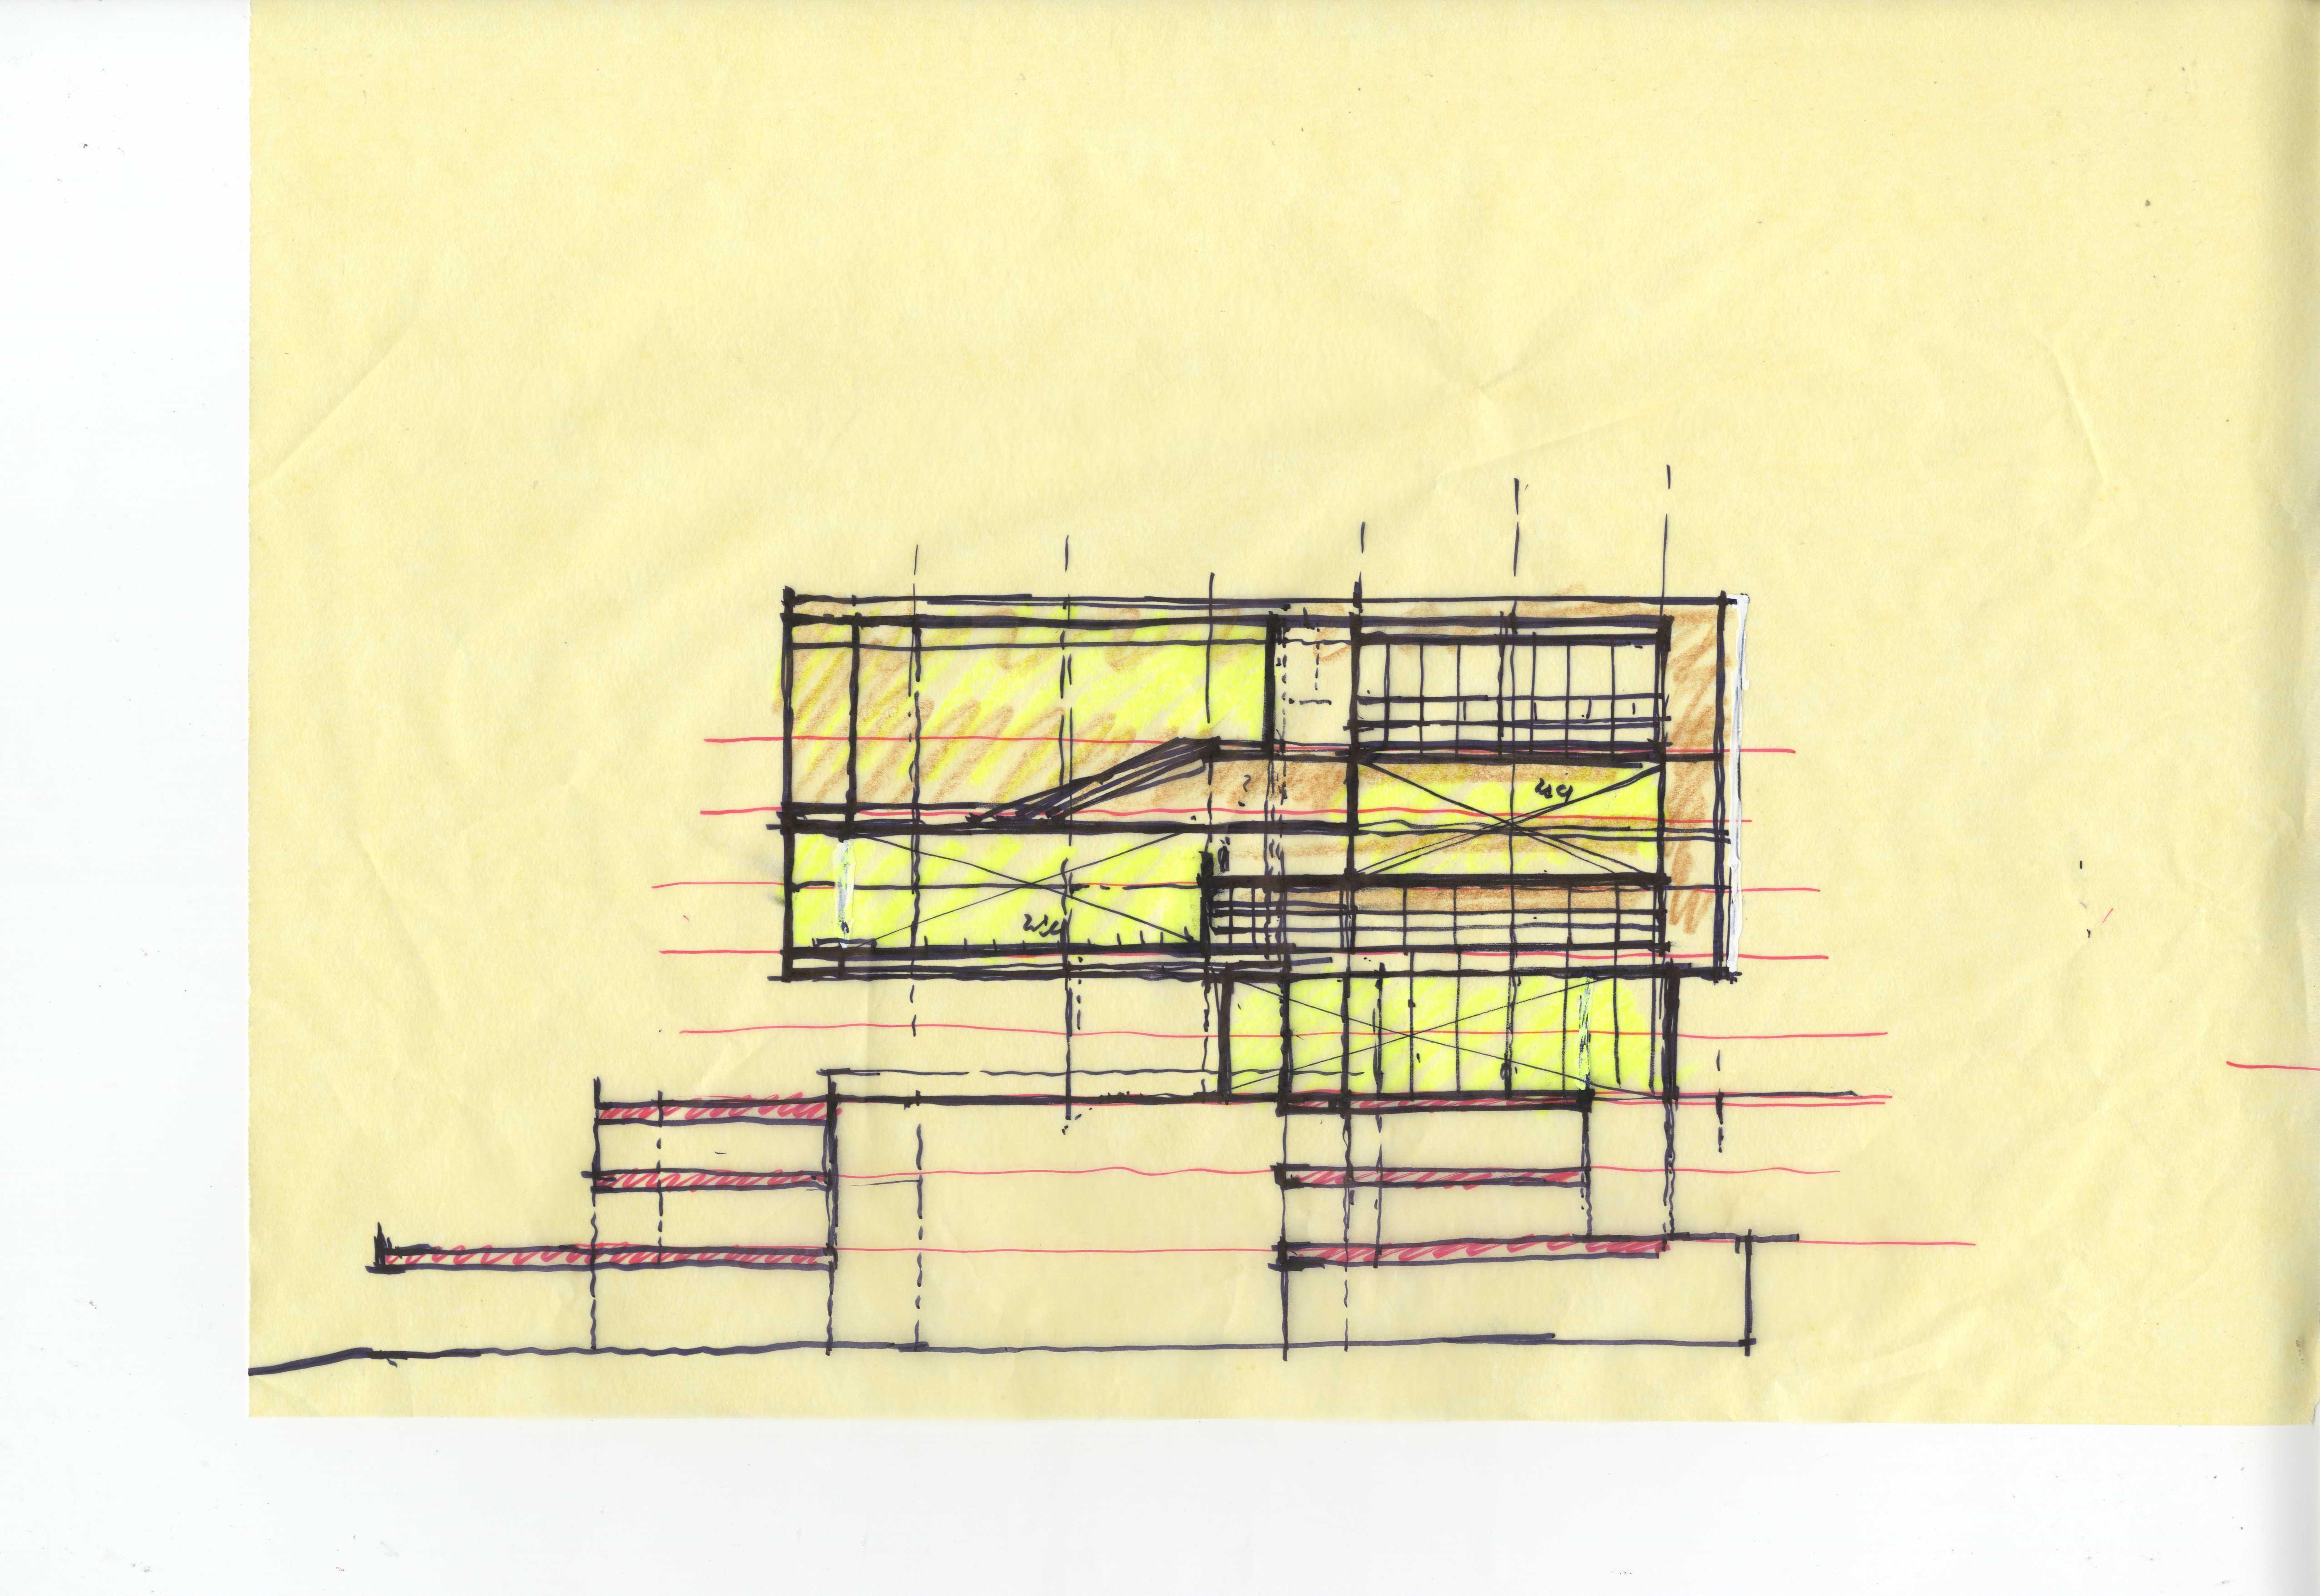 http://www.parkjongsung.com/board/data/file/hand_sketchs/img181.jpg